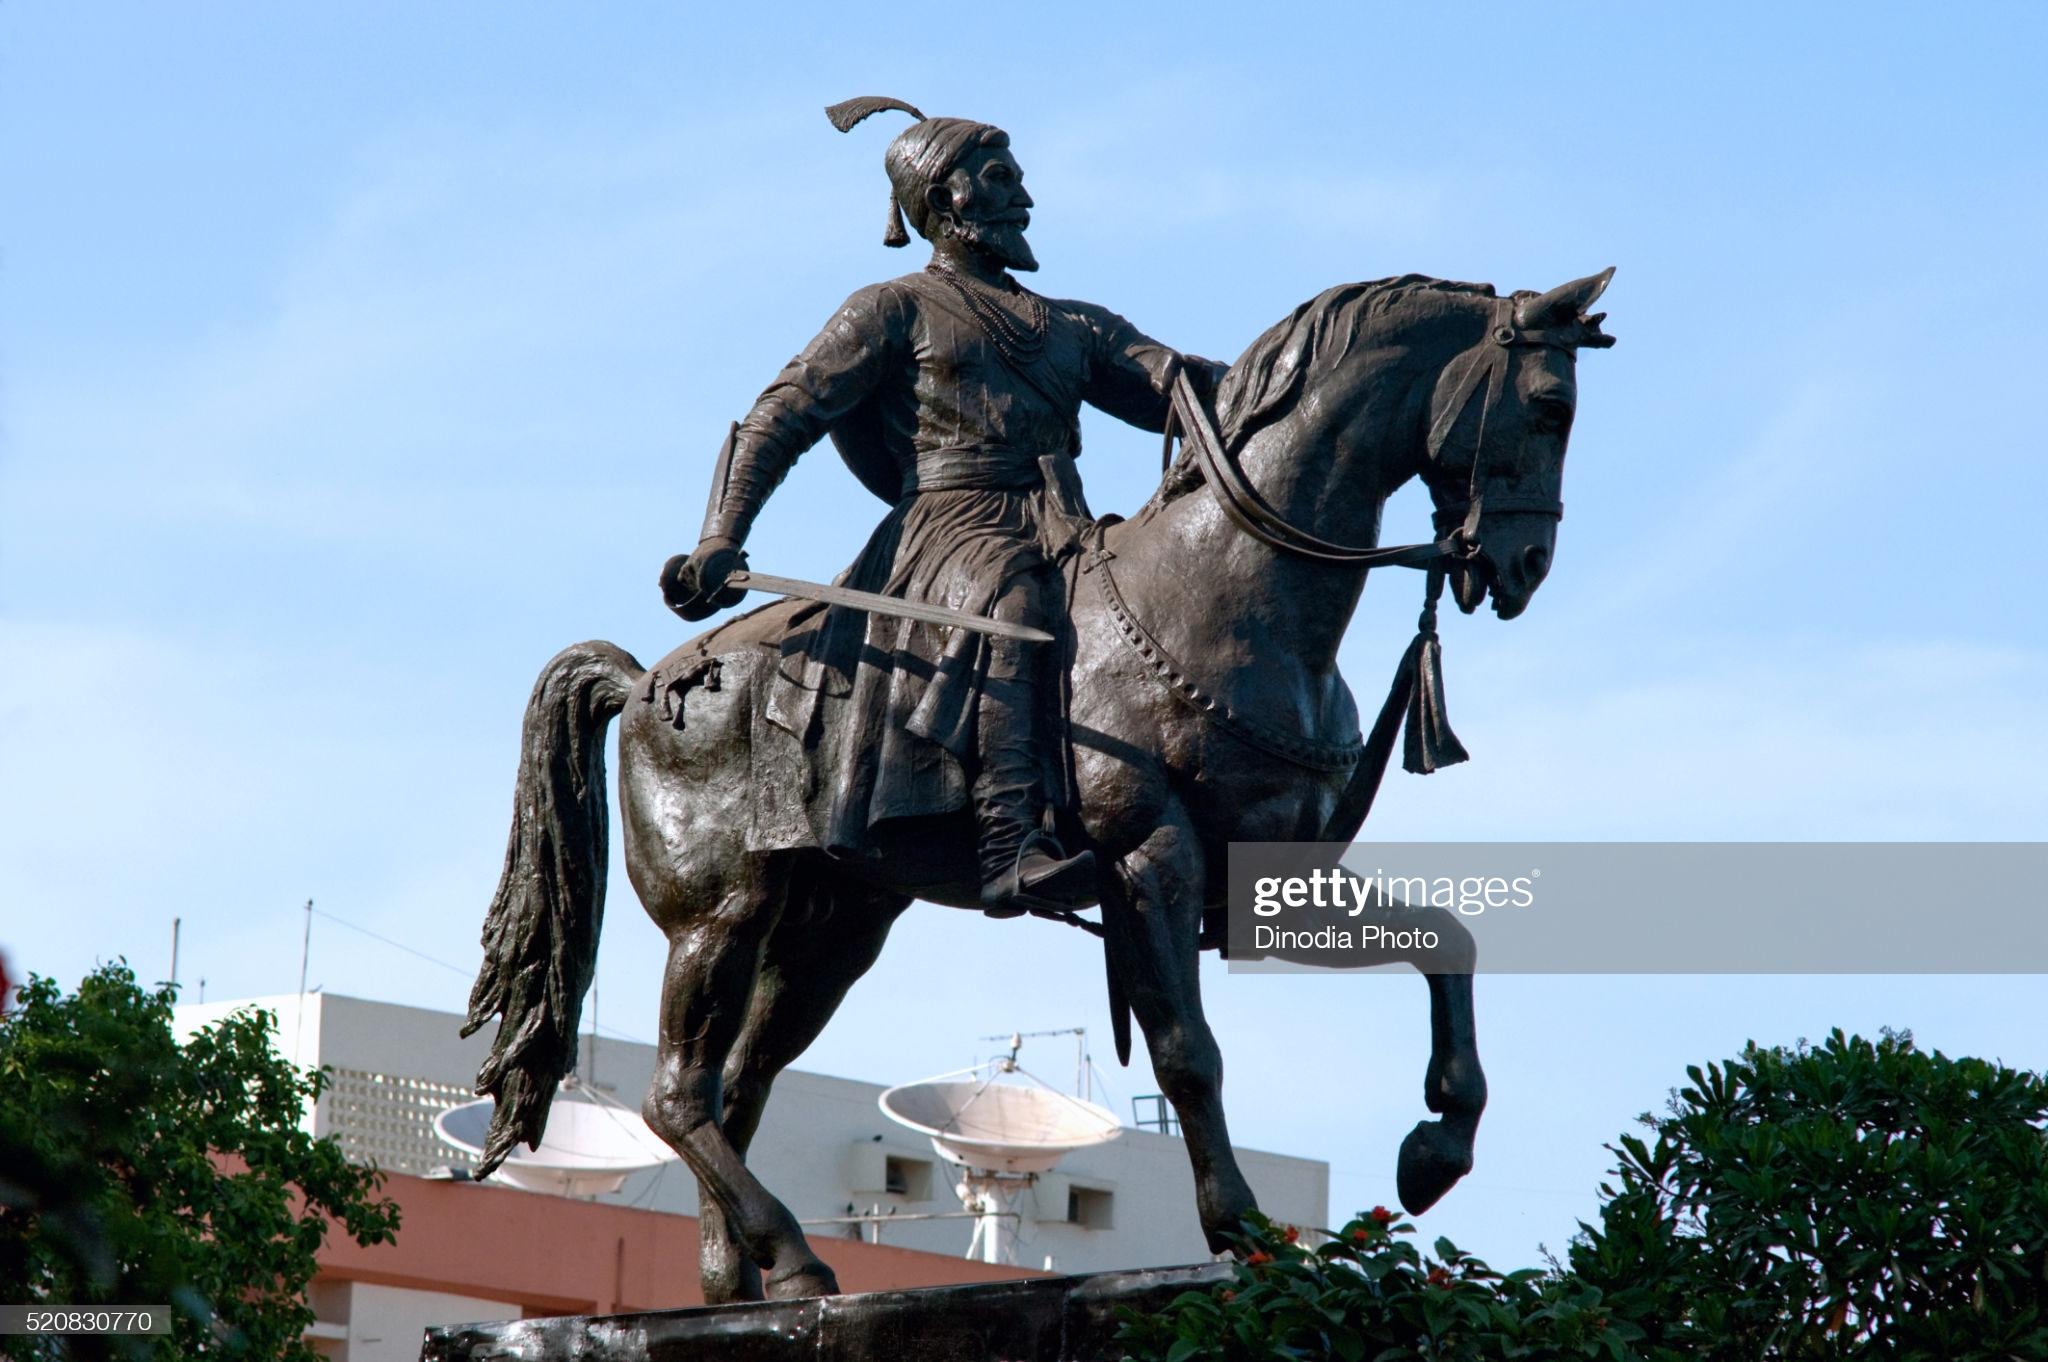 Statue of shivaji maharaja near gatway of india, Bombay, Mumbai, Maharashtra, India : Stock Photo